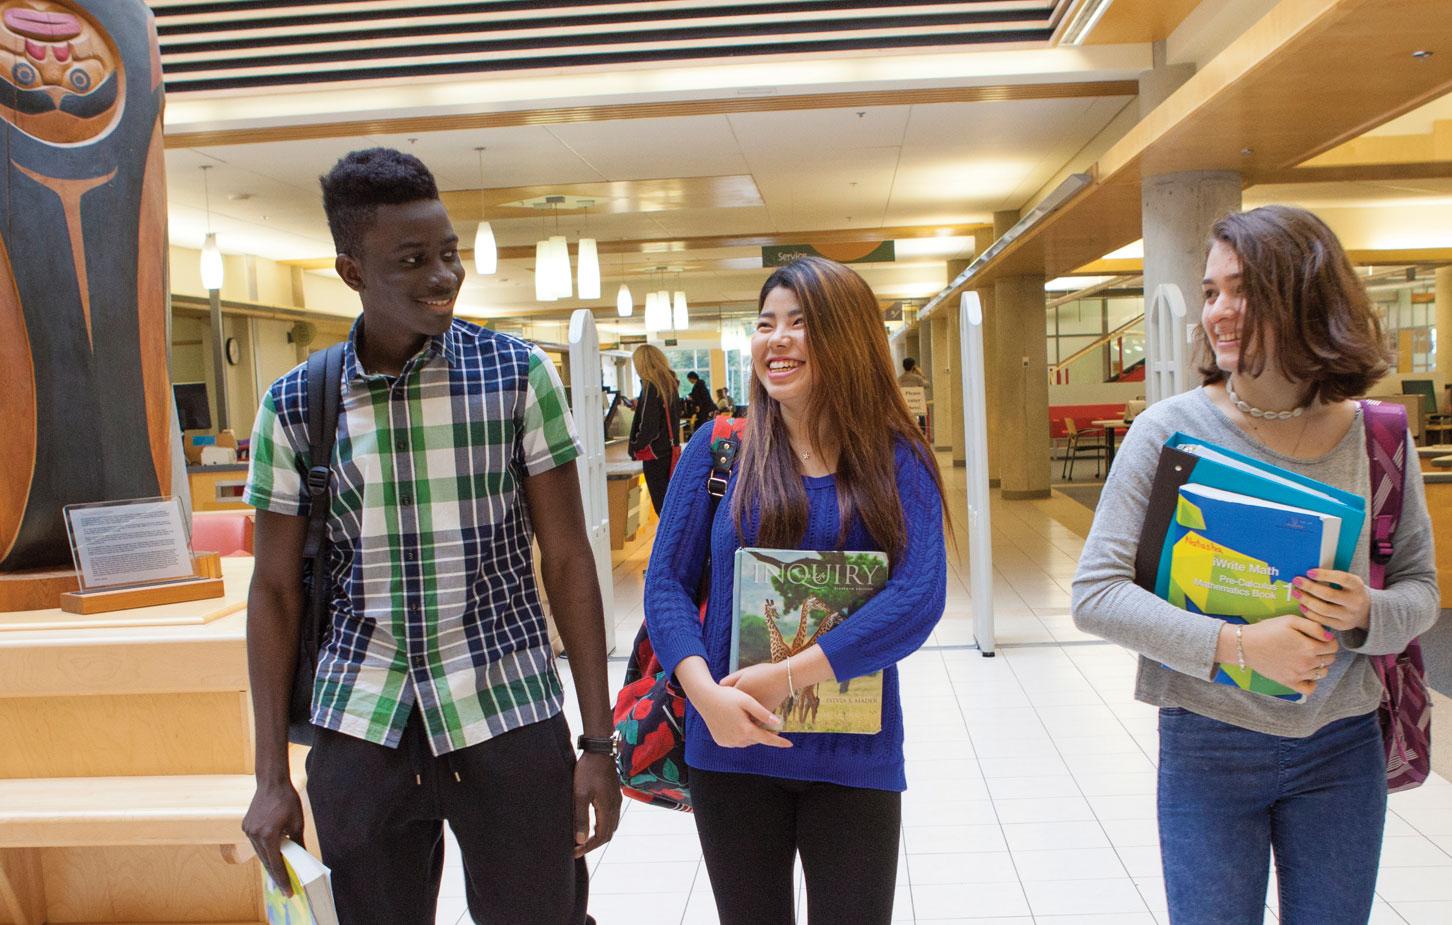 schueleraustausch-kanada-vancouver-island-university-high-school-teaser